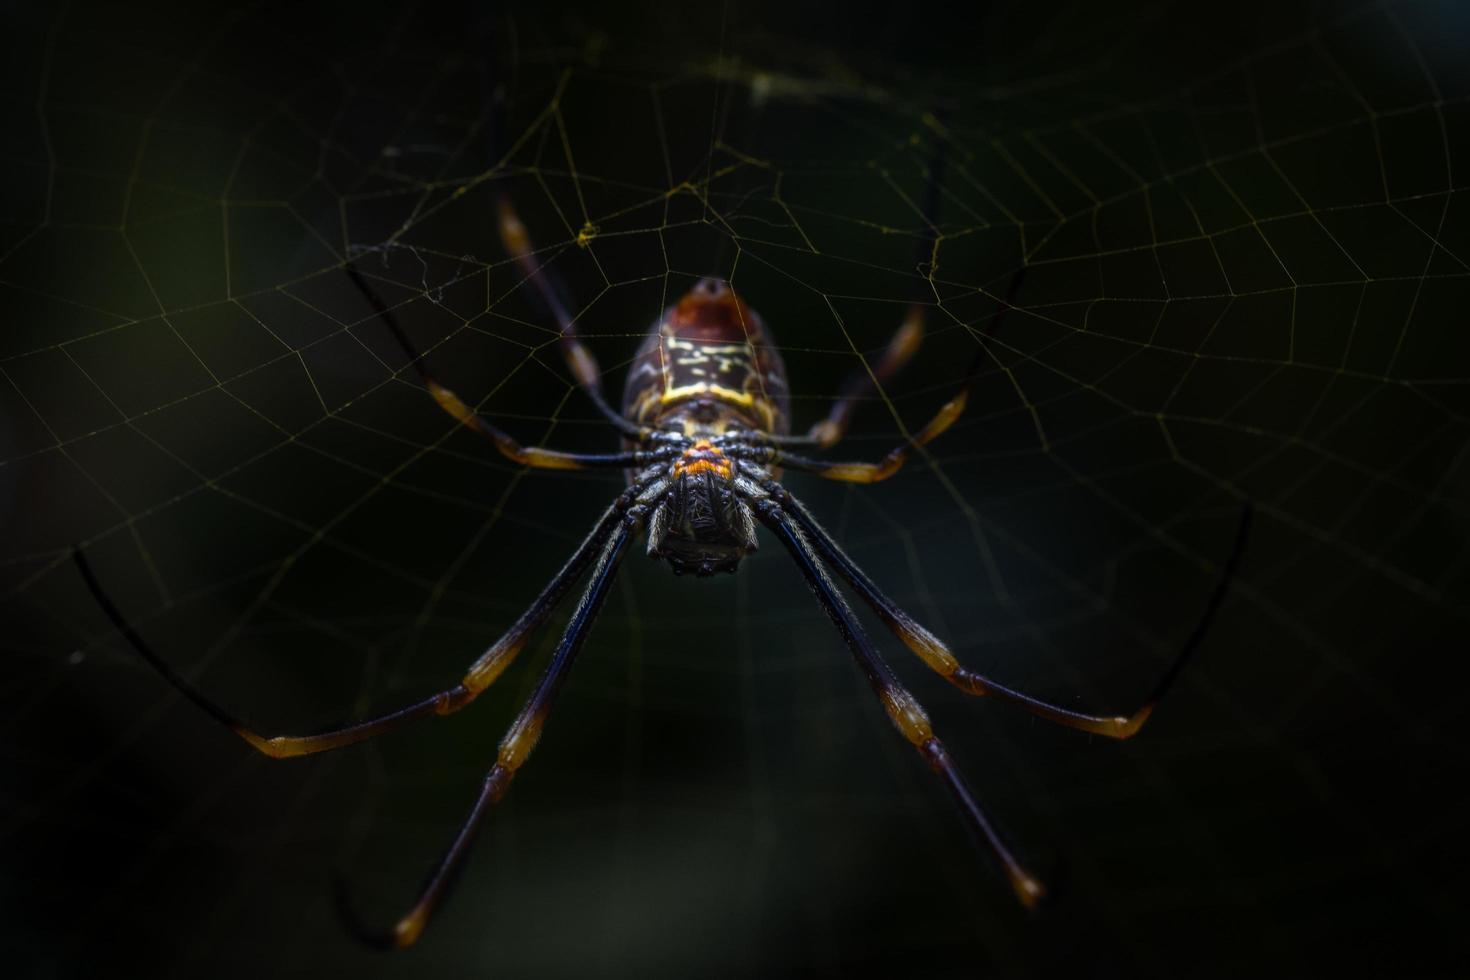 ragno marrone nella ragnatela foto